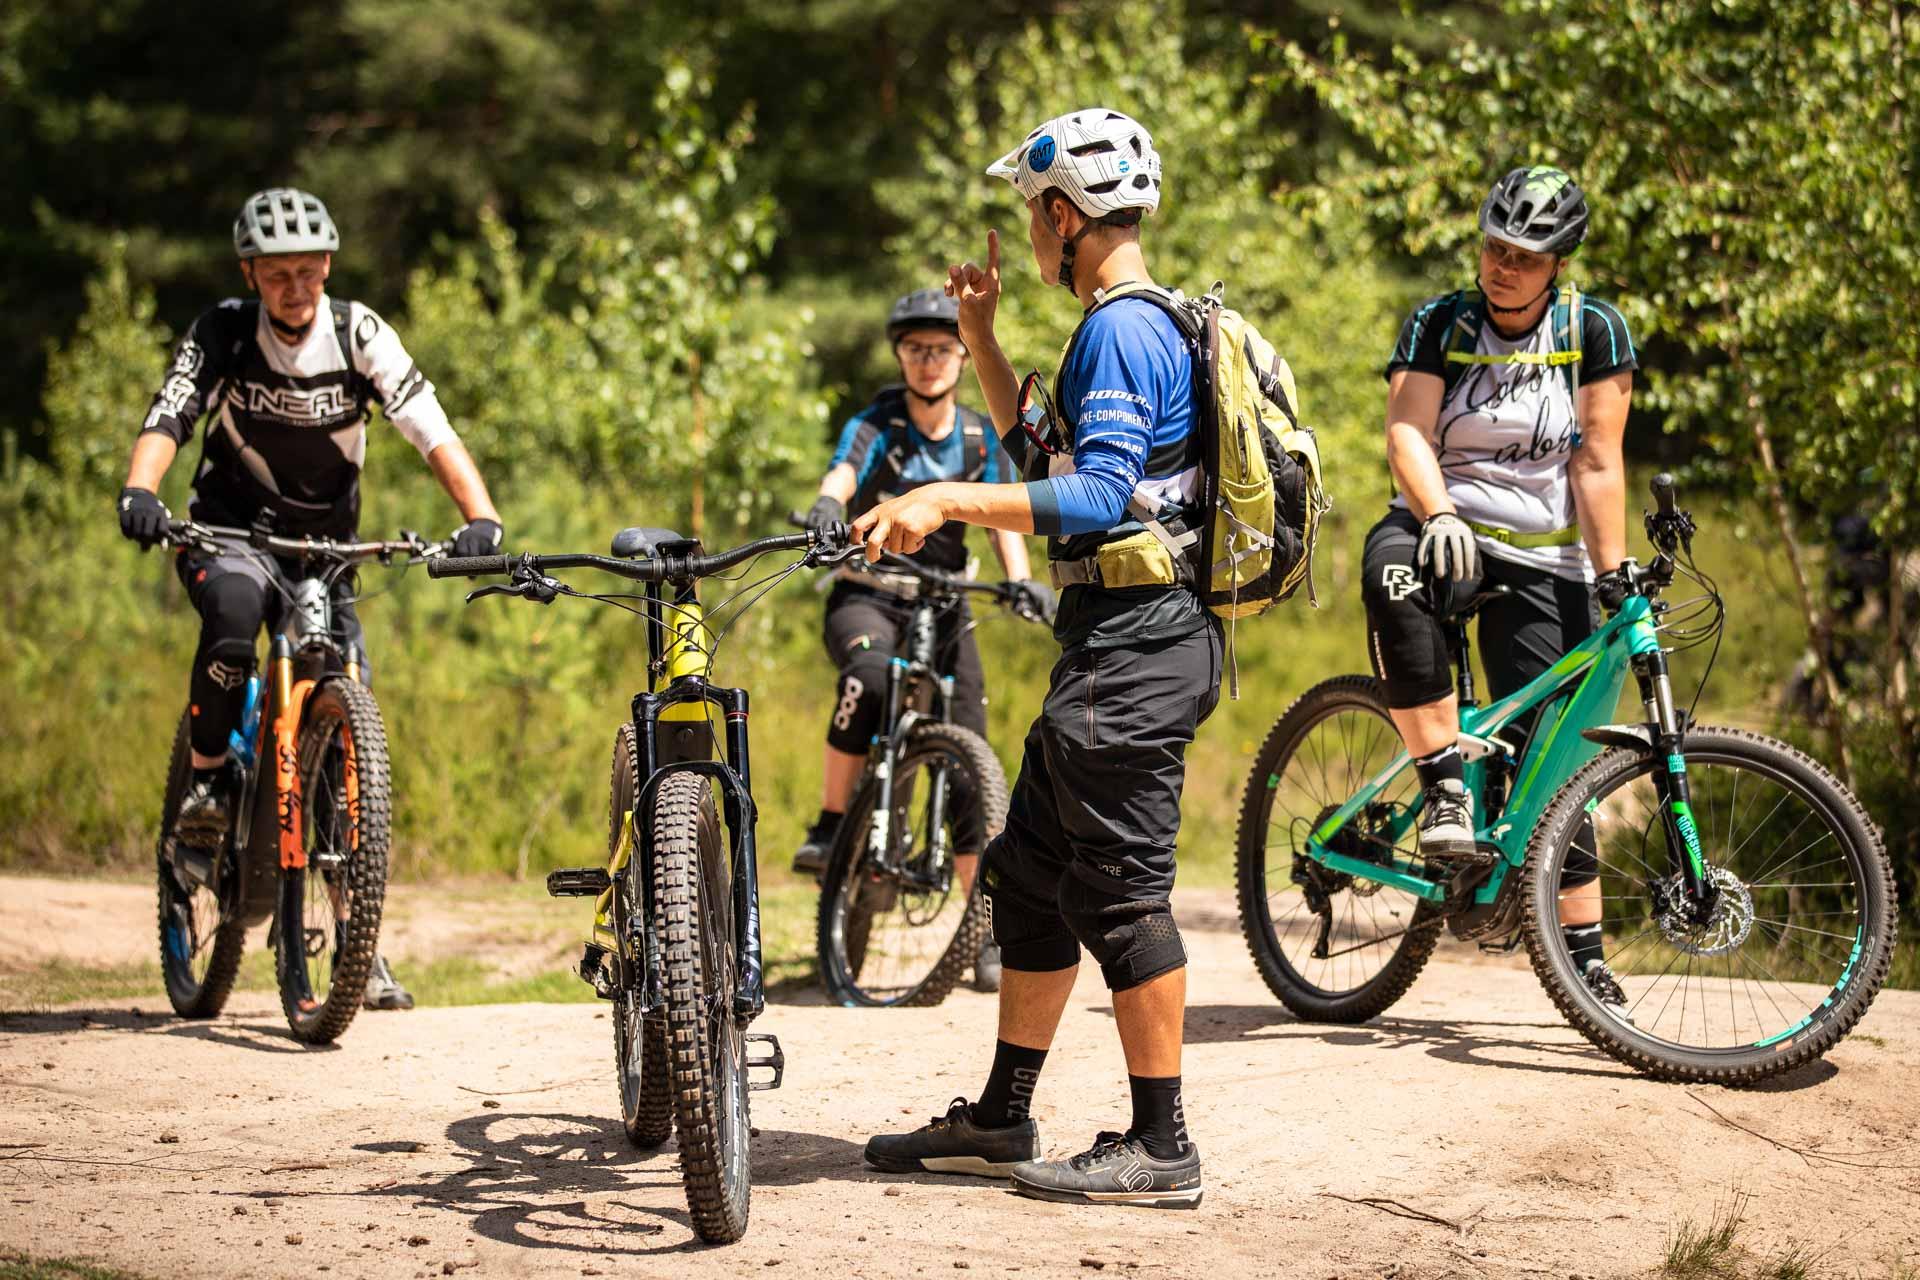 eMTB Fahrtechnik Einsteiger Siegburg Bonn eBike Kurs für eBike Einsteiger_Rock my Trail Bikeschule - 315